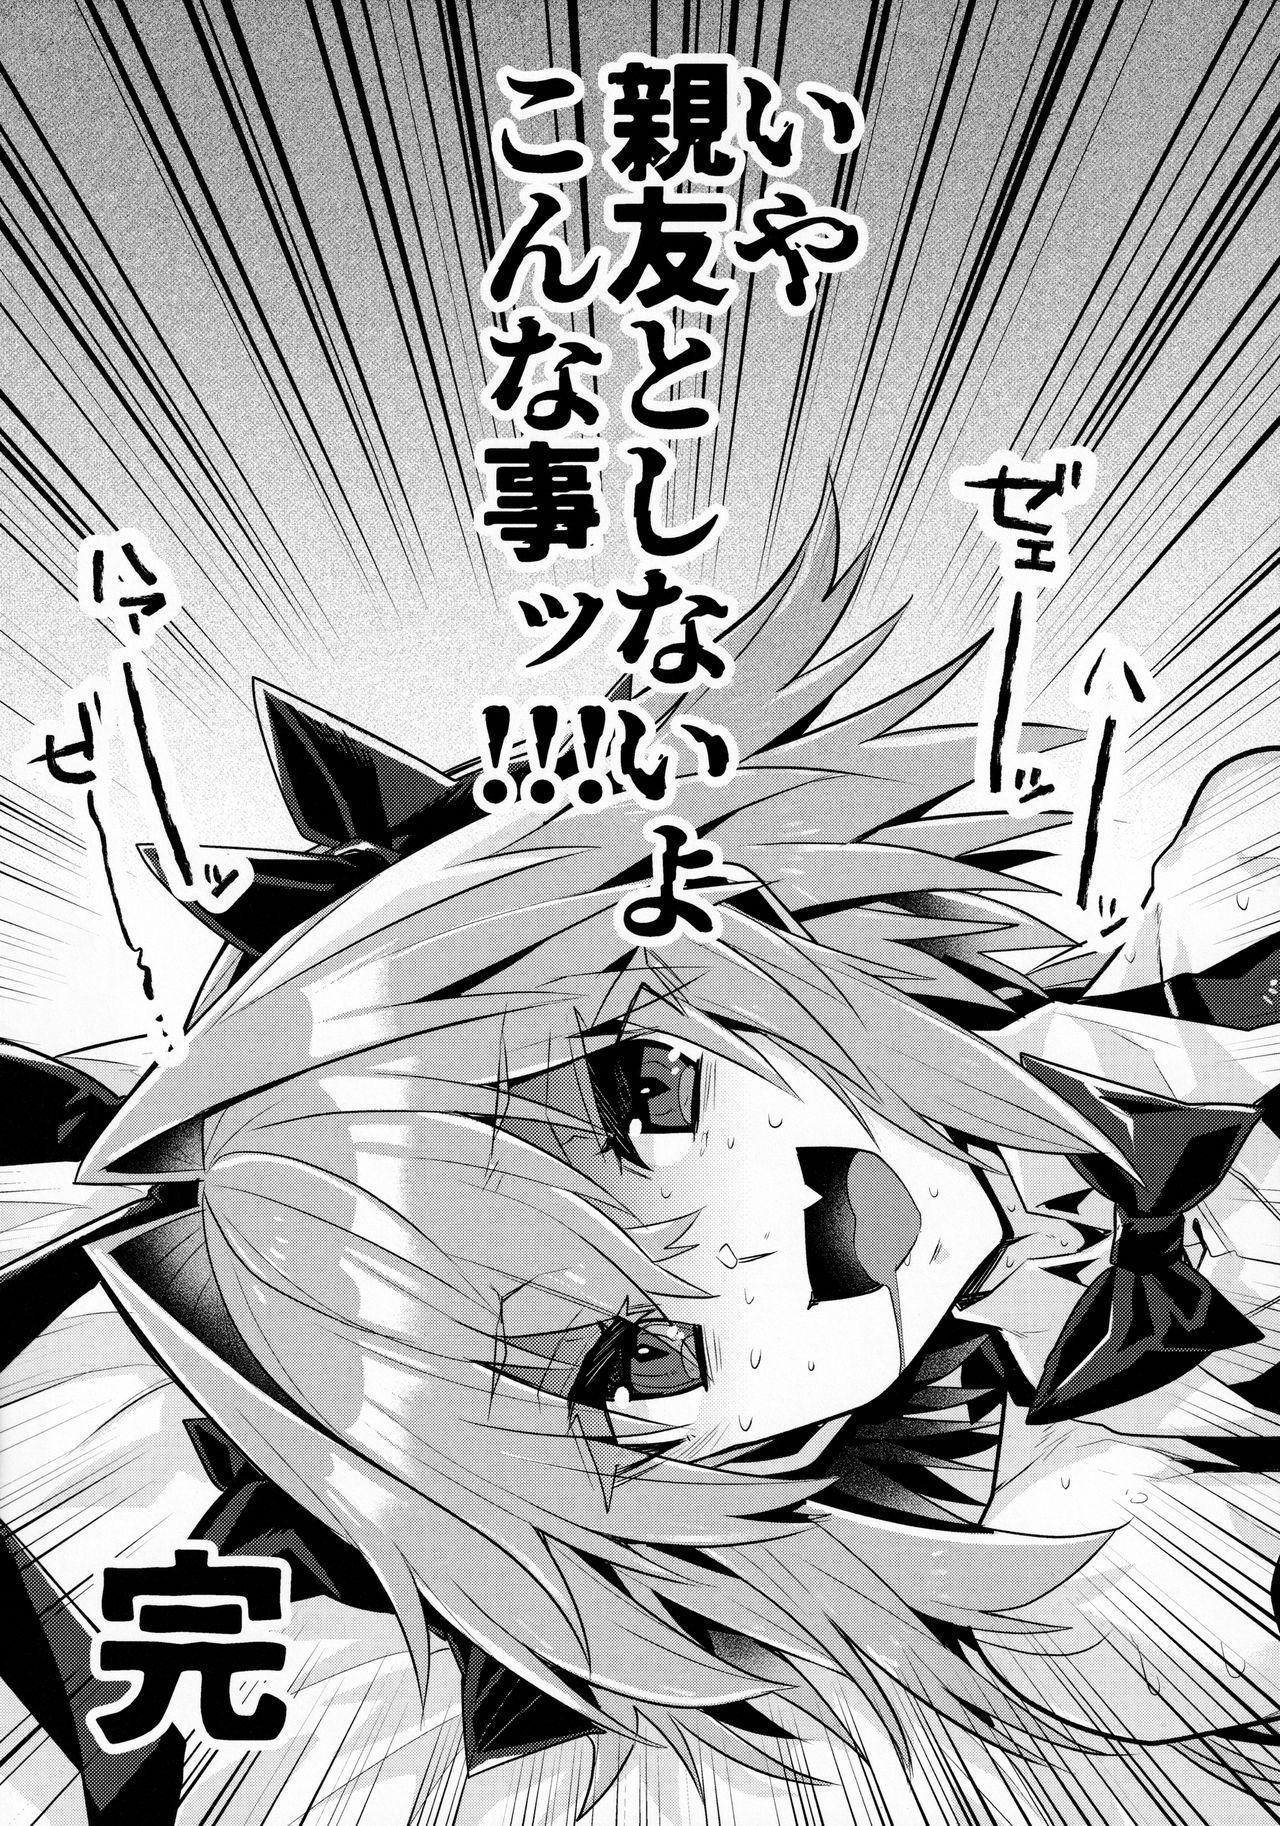 Nakanoii Shin'yuu wa Bunny Cosplay Kijou-i Koubi o Sururashii Zo 13